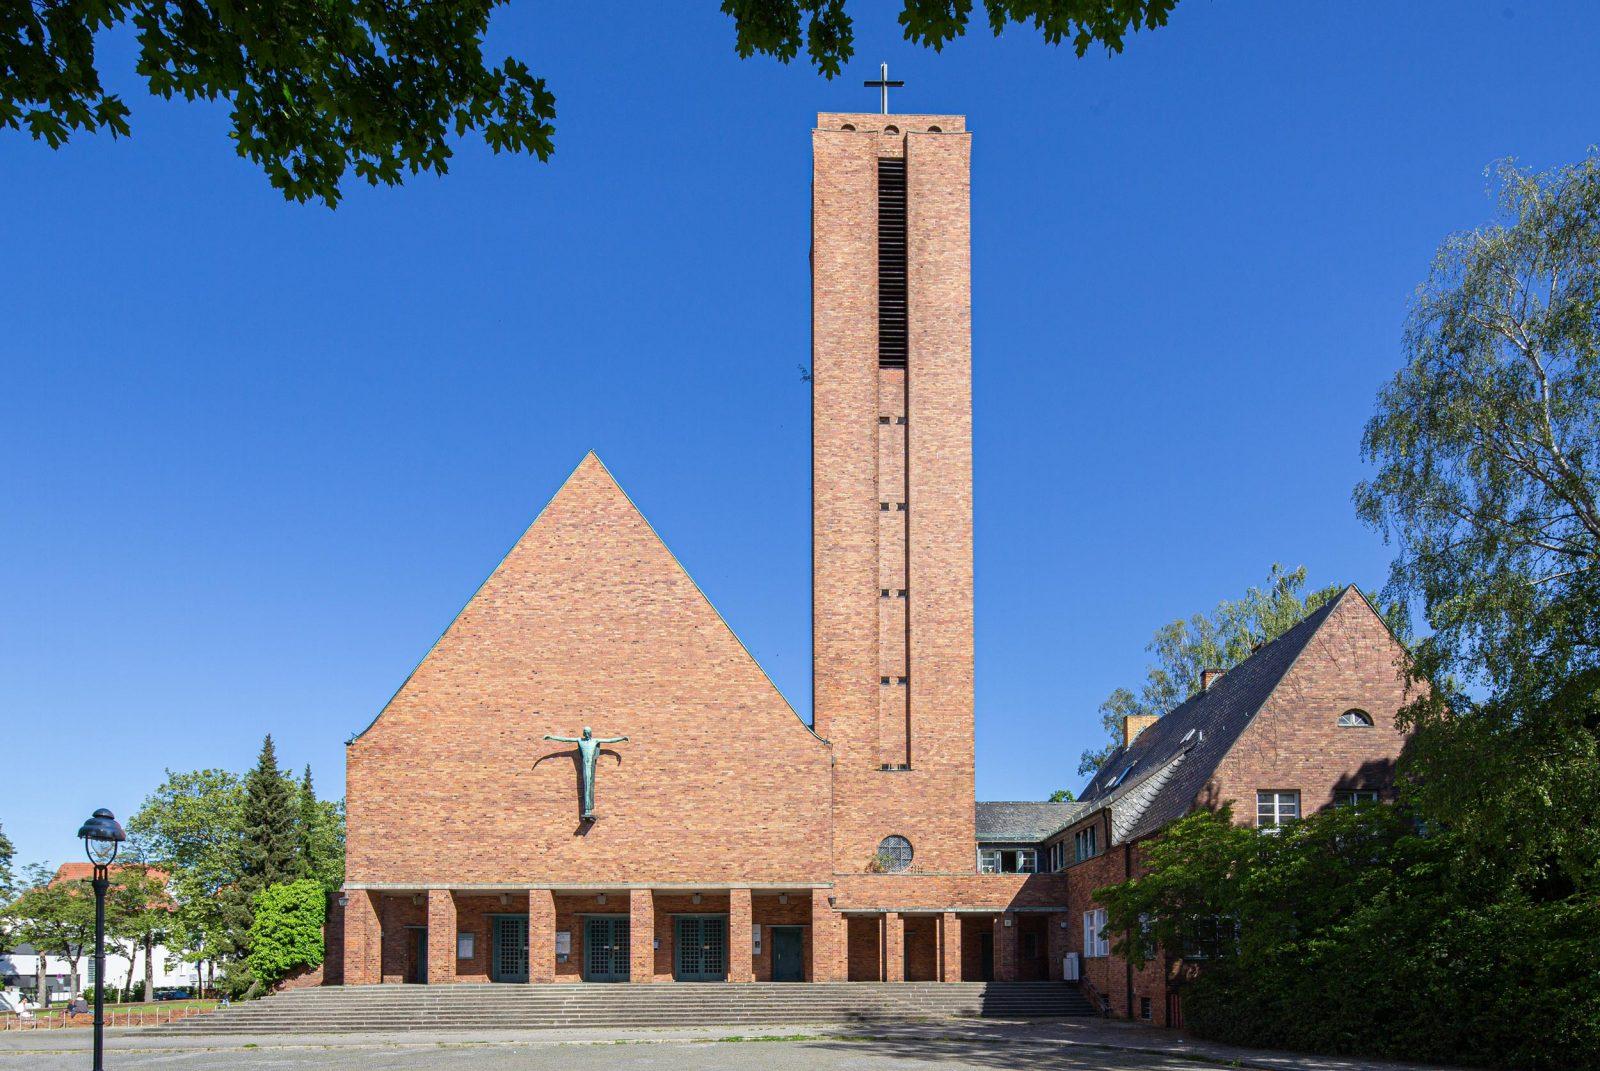 Ausgezeichnete Raumakustik unter dem Glockenturm: Die Jesus-Christus-Kirche an der Kreuzung Hittorfstraße/Faradayweg